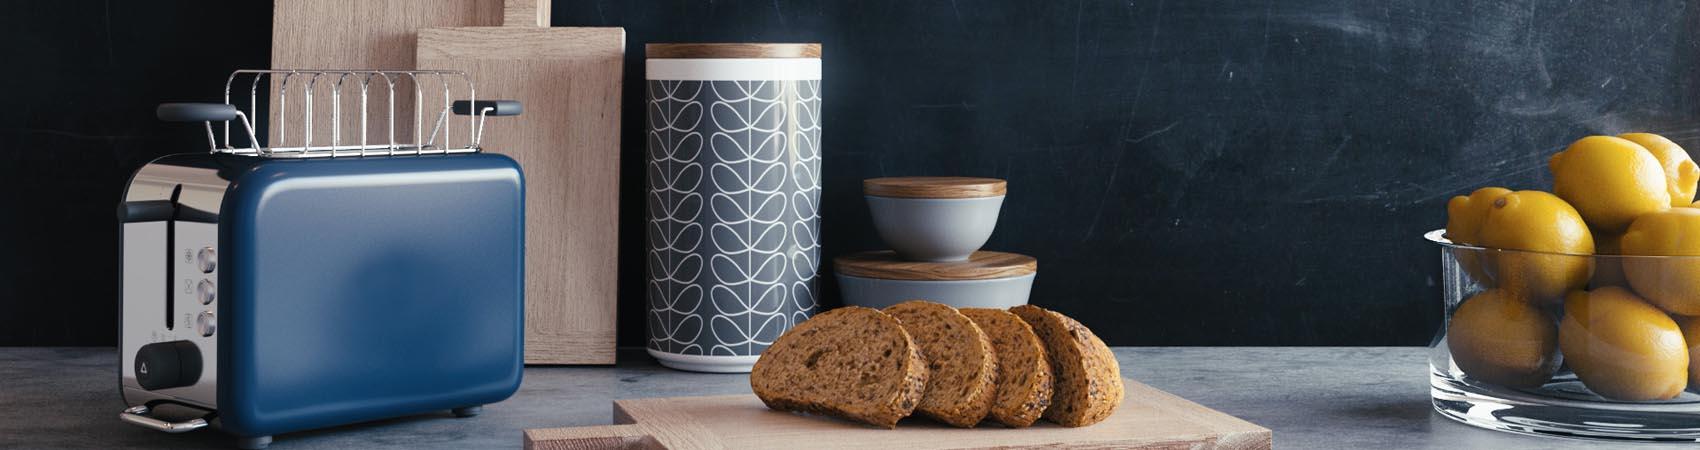 Non solo toast: 6 idee per cucinare con il tostapane